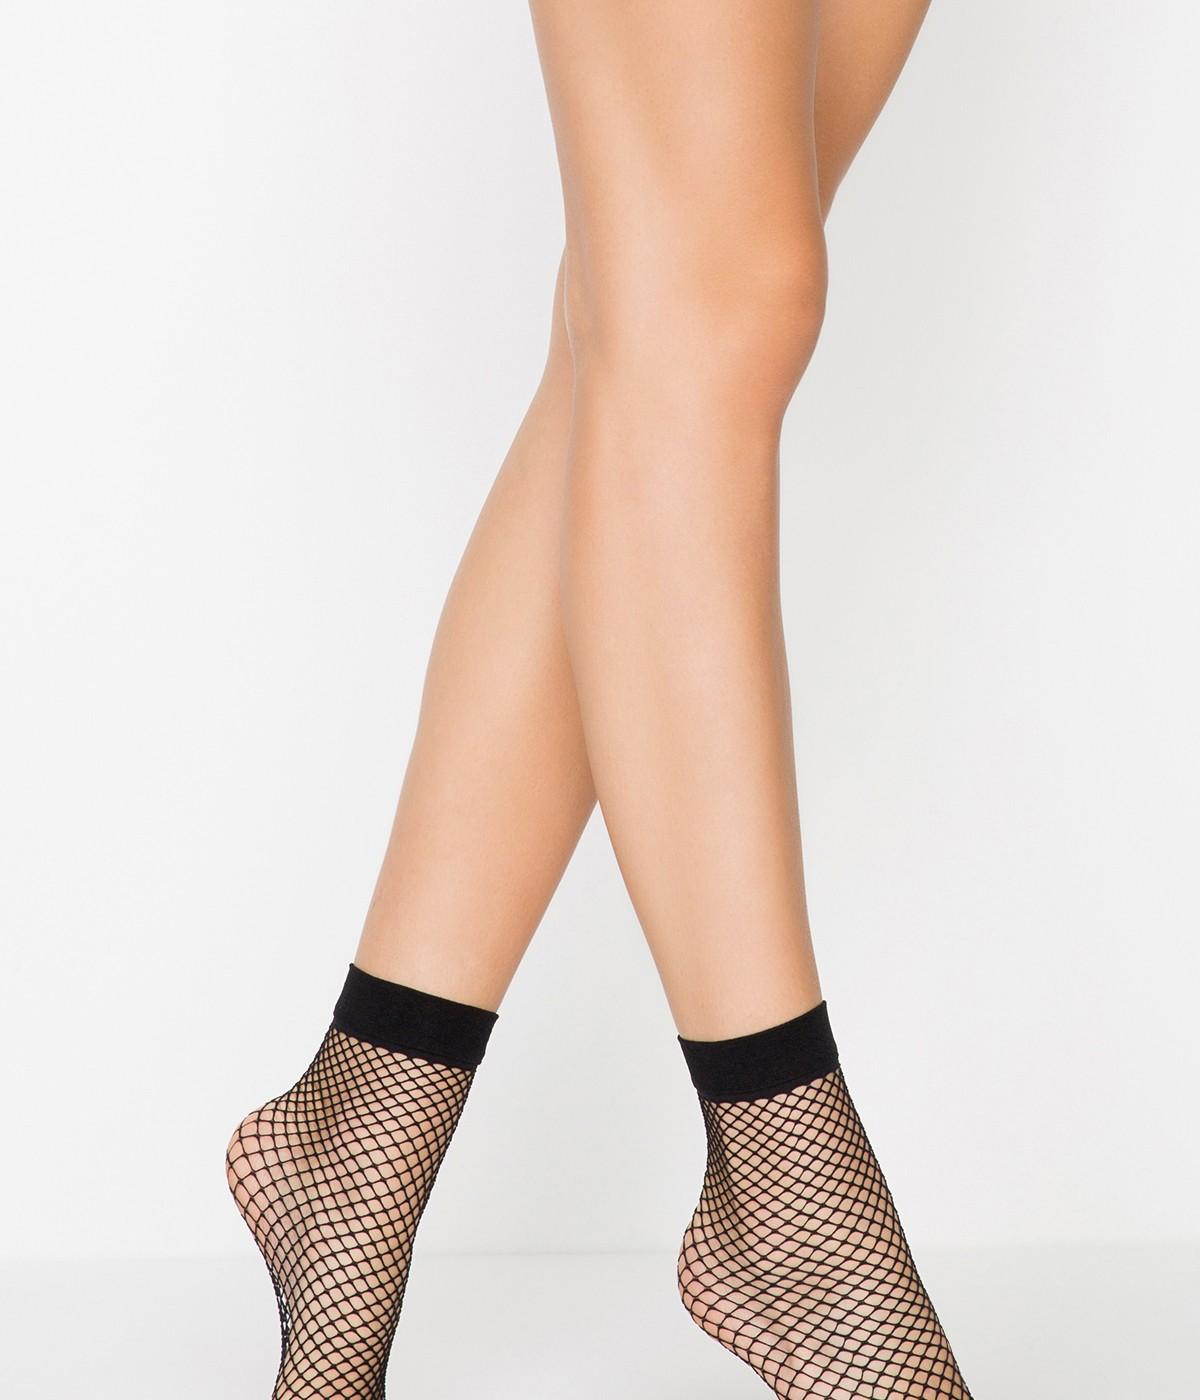 Classic Fishnet Socks